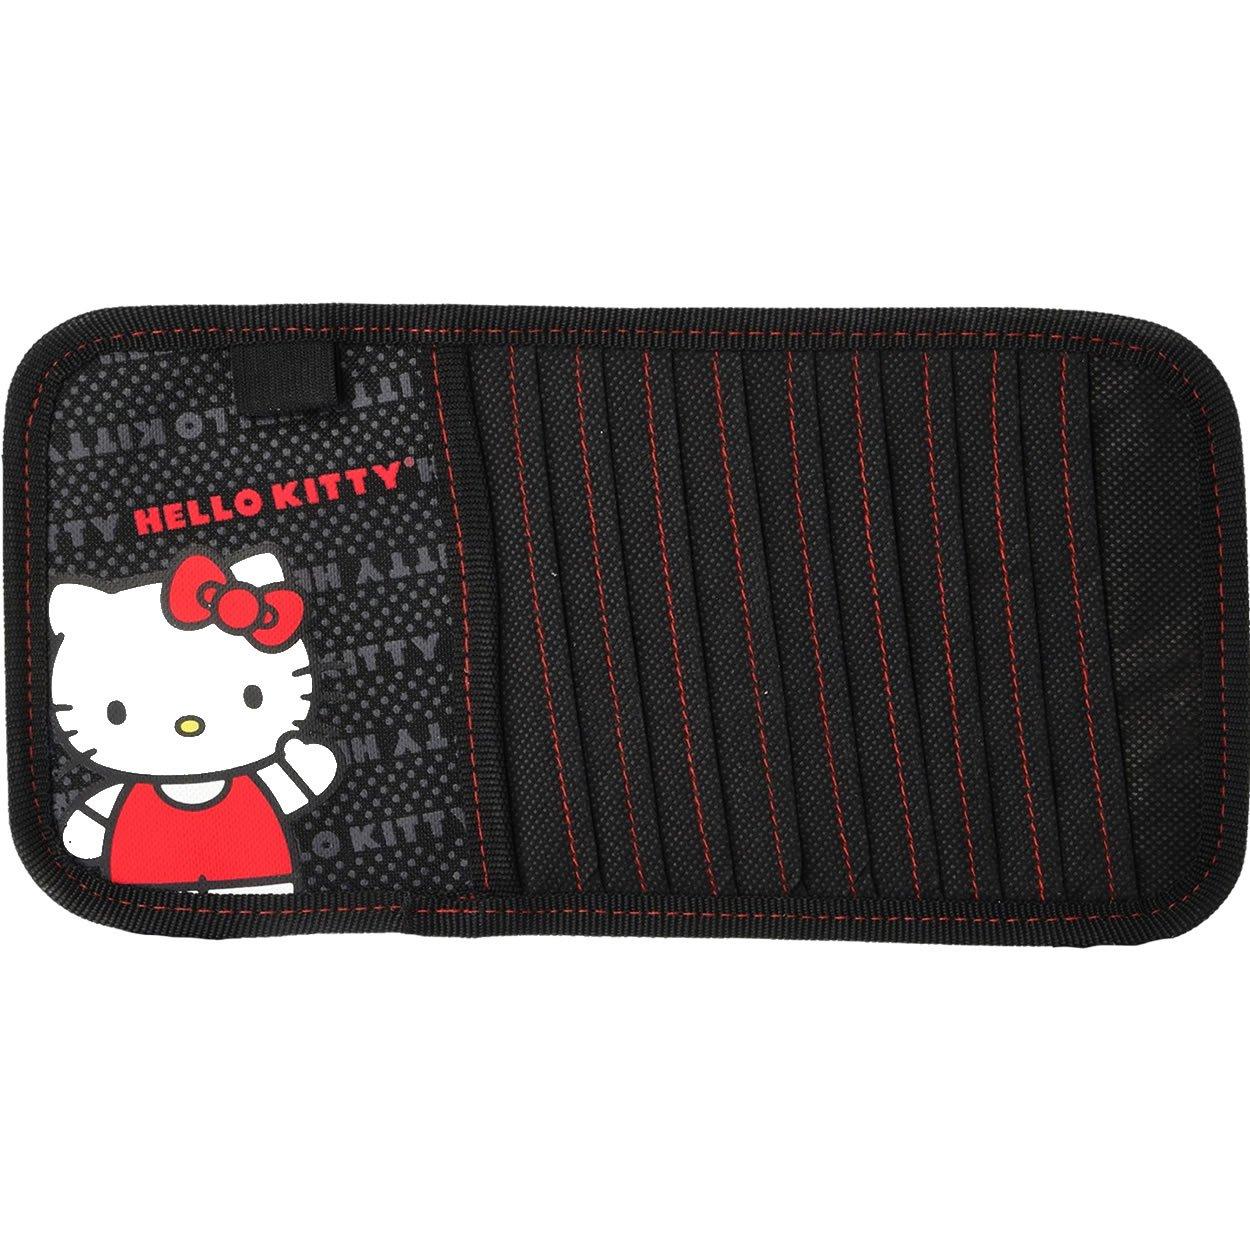 Plasticolor 006290R01 Hello Kitty ''Core'' CD/DVD Visor Organizer